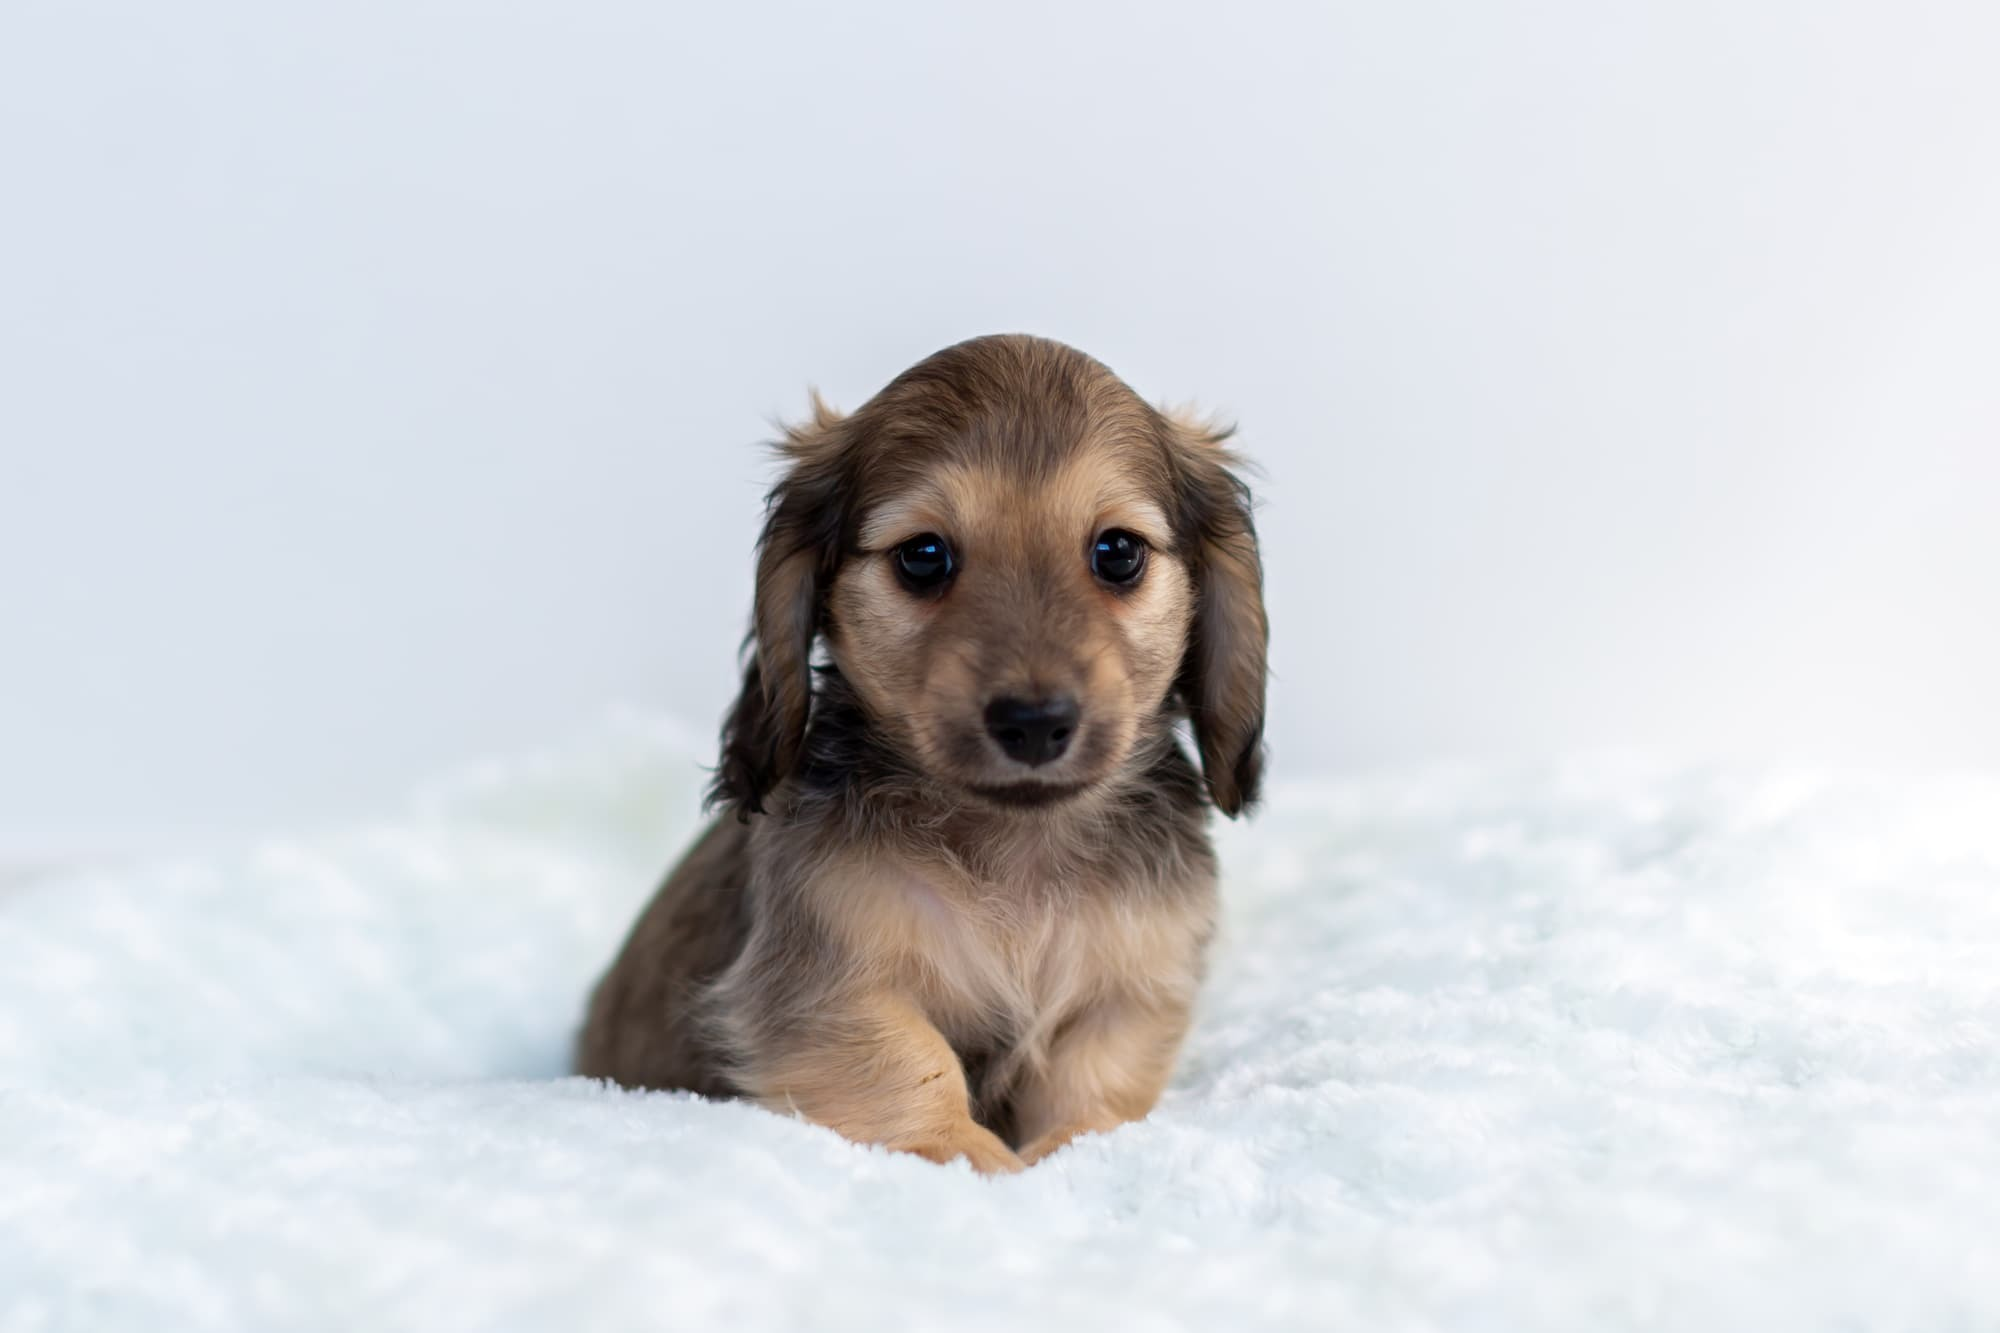 子犬の健康診断、しなくても大丈夫?健康診断はいつから必要?